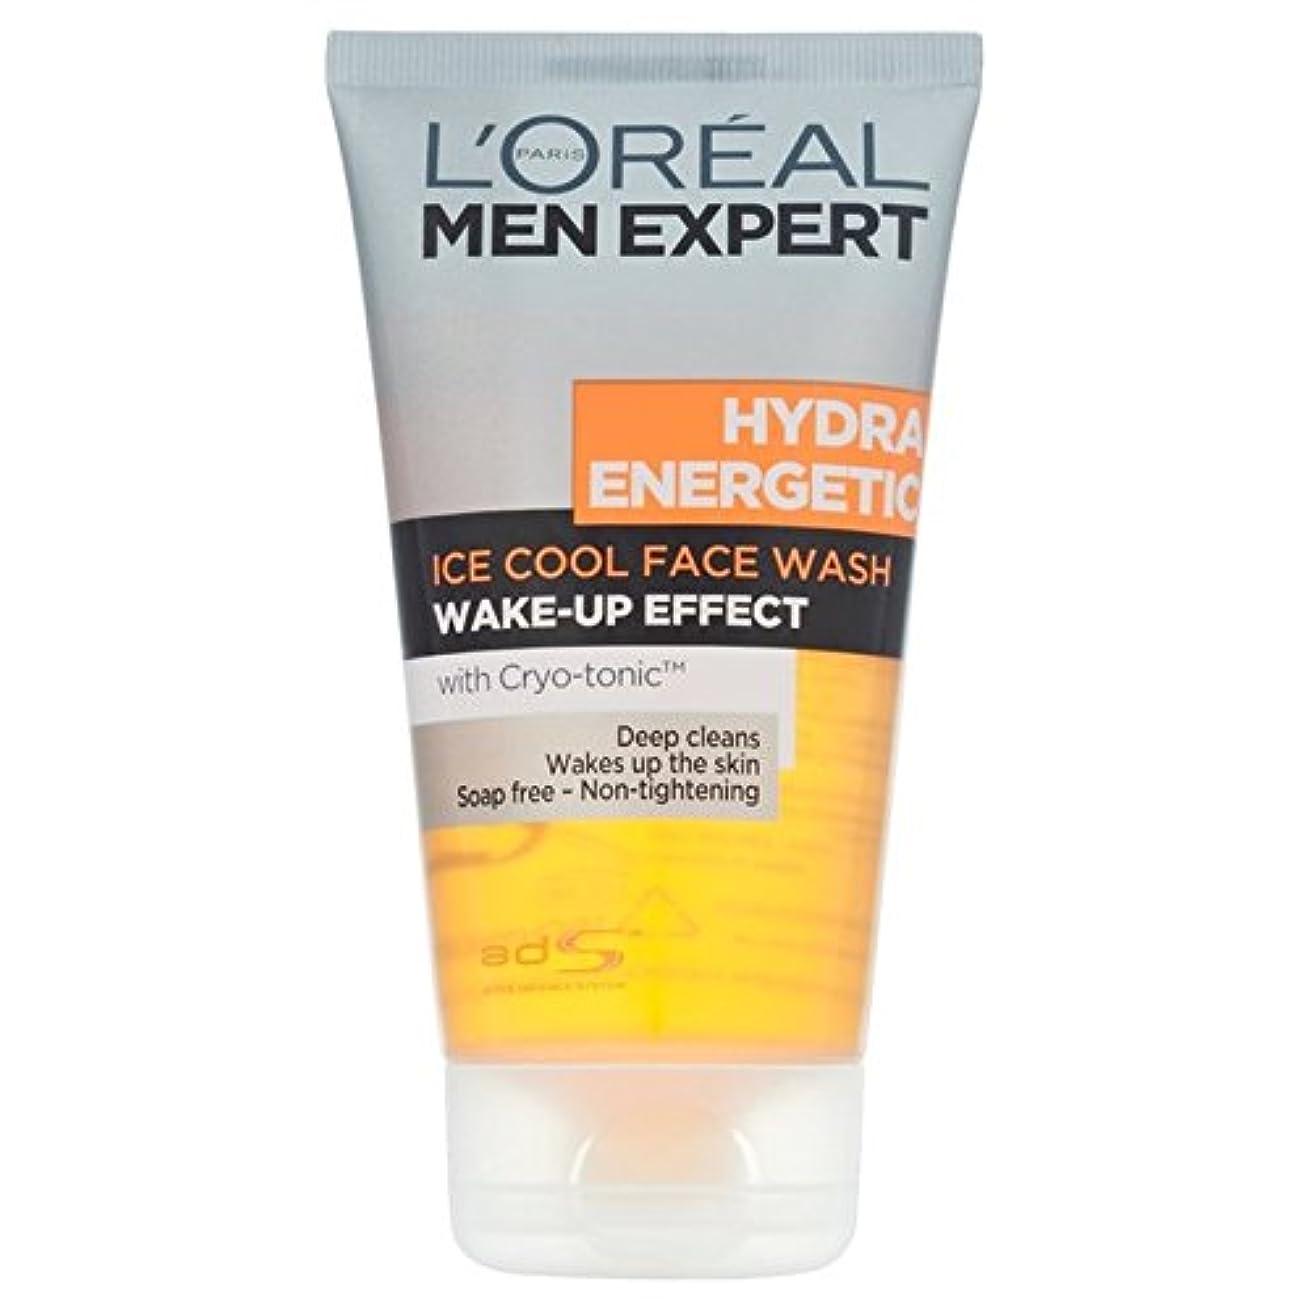 ラリーカバレッジ貞L'Oreal Men Expert Hydra Energetic Foaming Cleansing Gel 150ml - ロレアルの男性の専門家ヒドラエネルギッシュな発泡クレンジングジェル150 [並行輸入品]